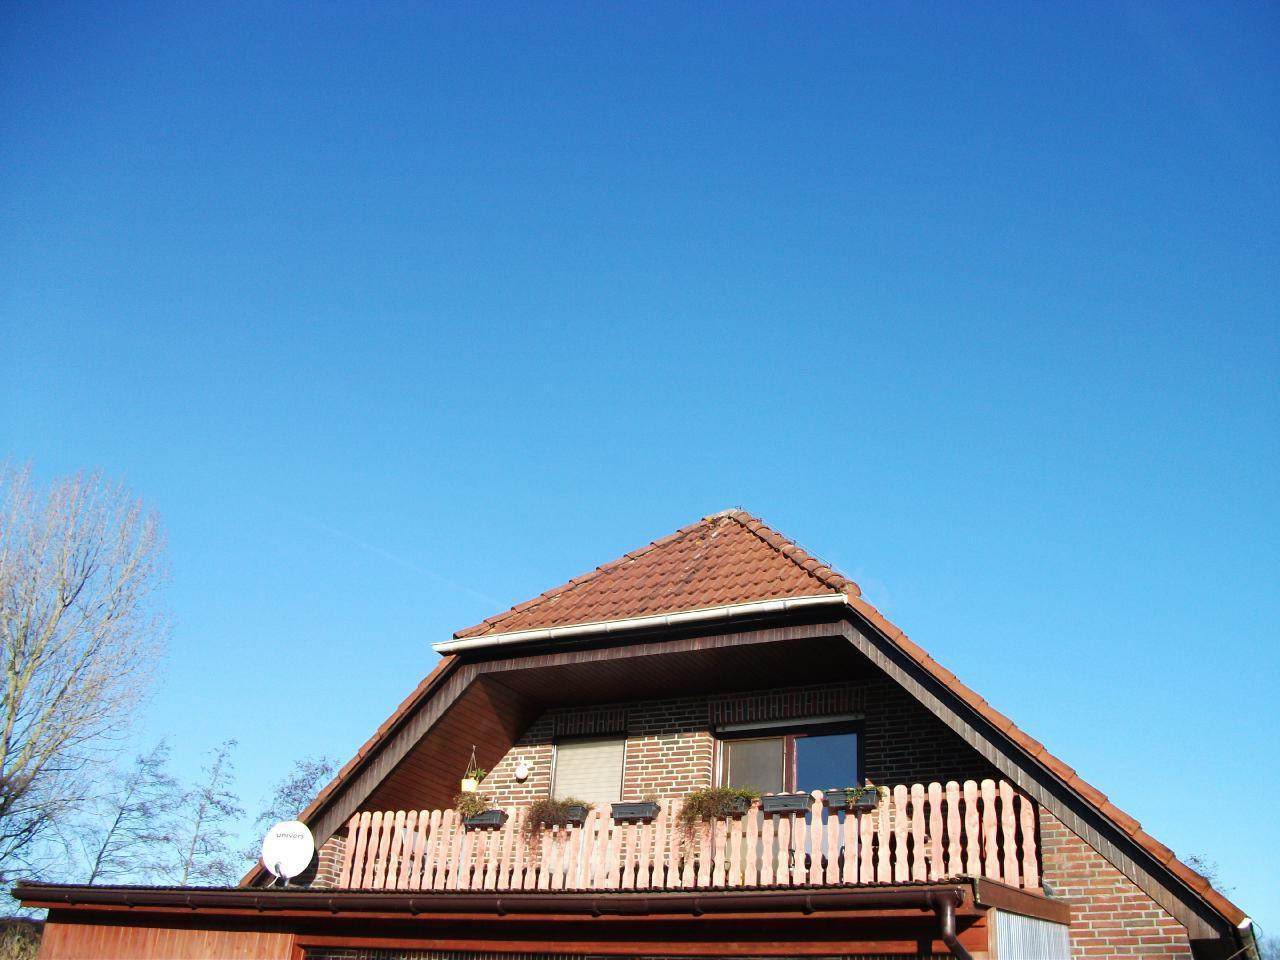 Ihr Balkon ist 6,50 m breit und 1,30 m tief (mit Schrägen) Ausrichtung ist Süden